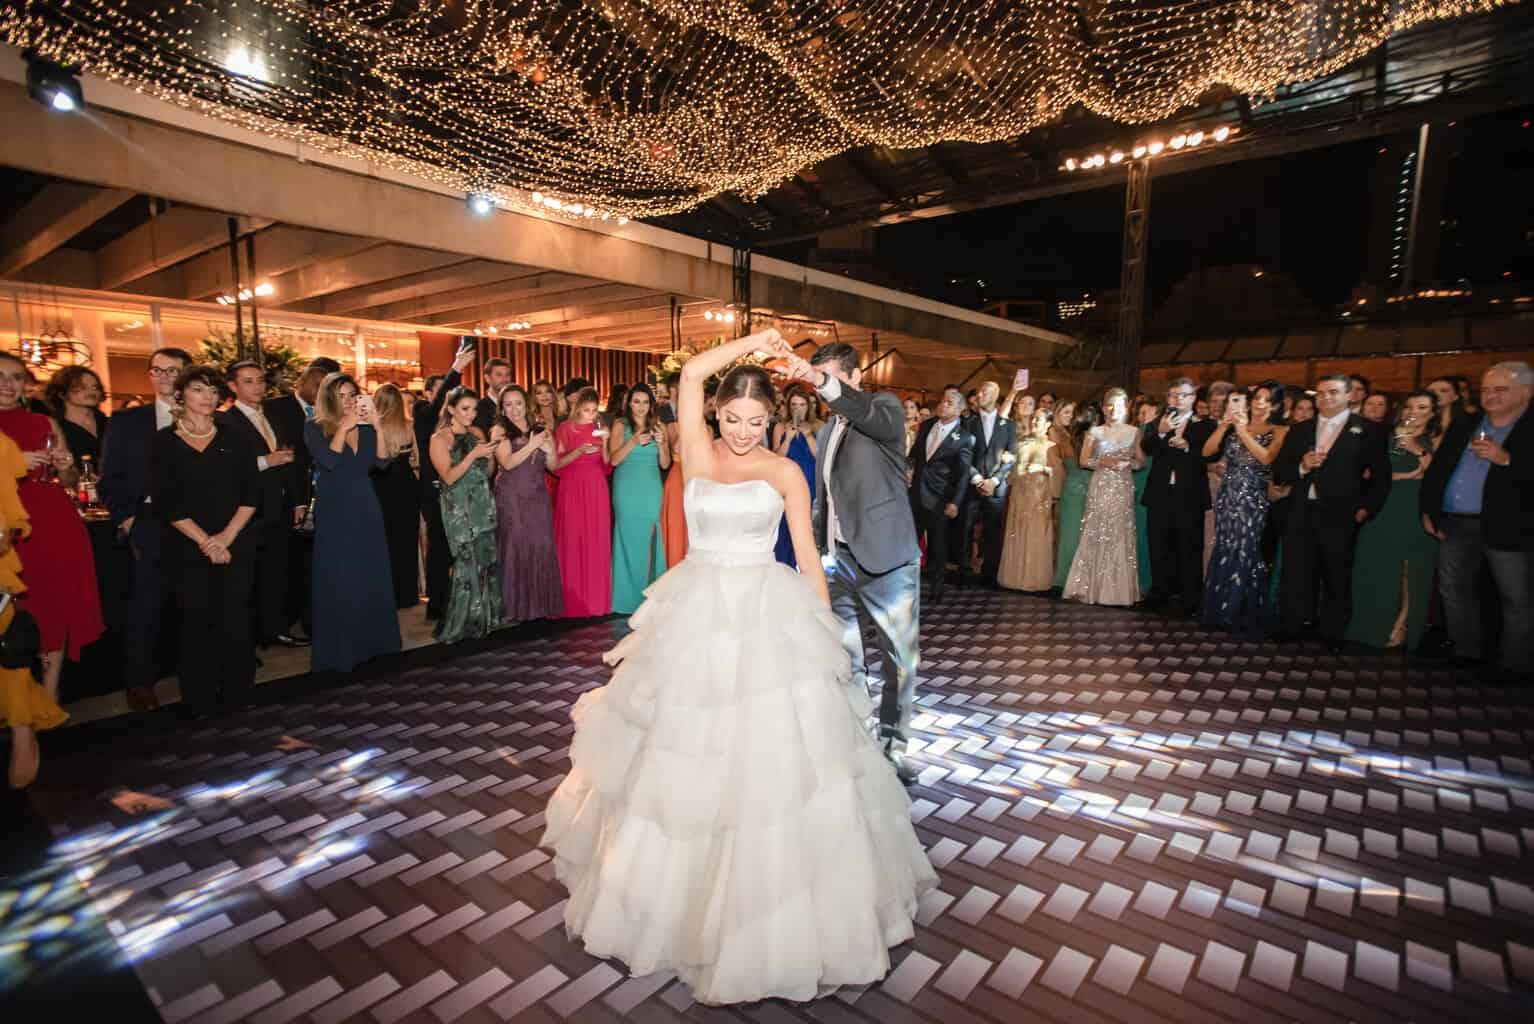 casamento-Karynna-e-Fernando-cerimonial-TCD-Eventos-festa-no-MAM-fotografia-Marina-Fava-pista114